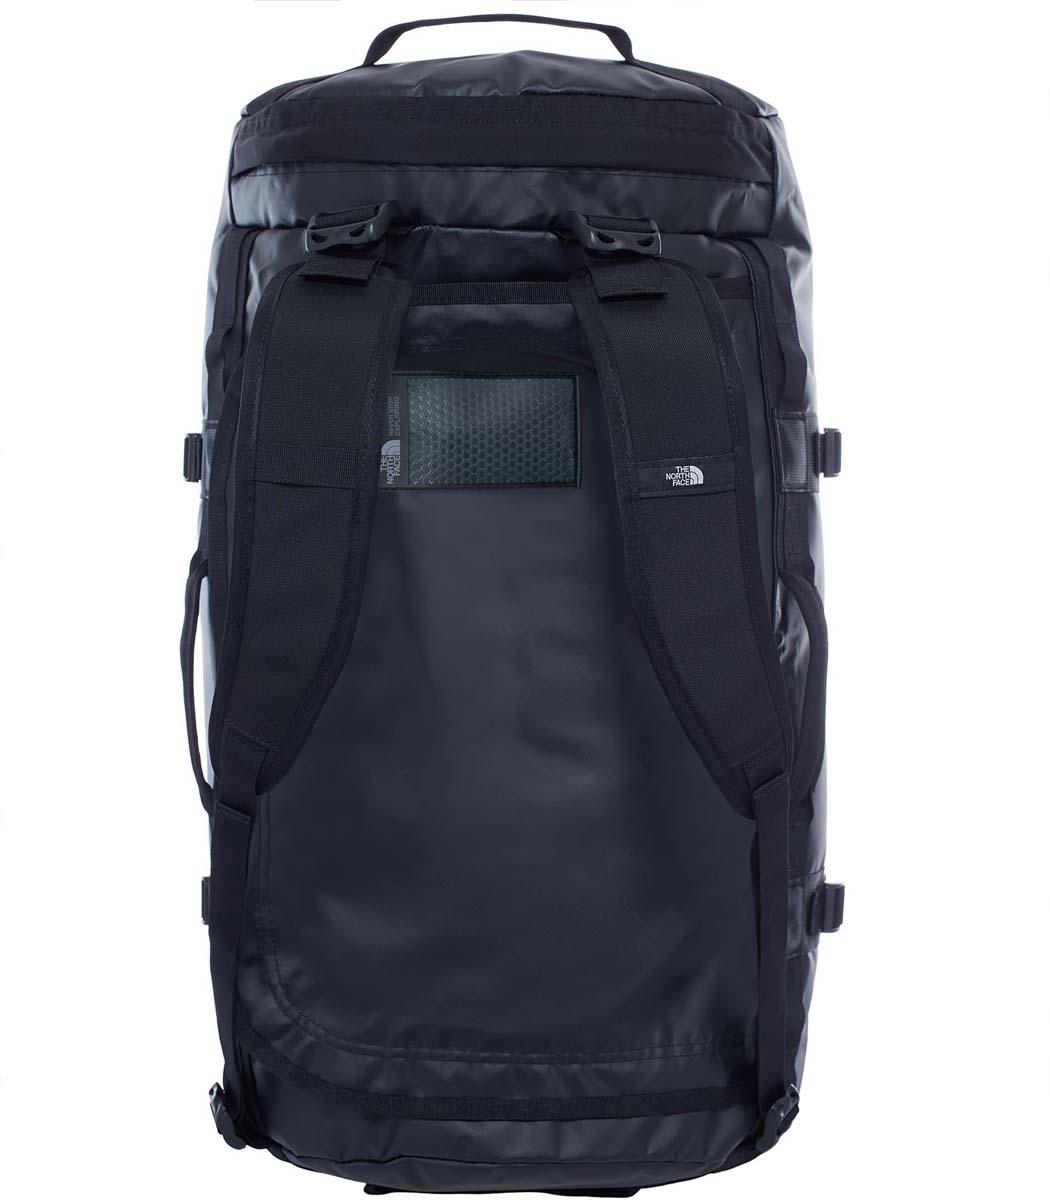 Сумка дорожная The North Face Base Camp Duffel, цвет: черный. T0CWW2JK3T0CWW2JK3Дорожная сумка The North Face Base Camp Duffel - знаменитый экспедиционный баул, который ценят по всему миру за его надежность. У сумки предусмотрен боковой карман на молнии для телефона или необходимых в пути документов, улучшенные эргономичные плечевые лямки, новые мягкие боковые ручки, которые позволяют с удобством переносить (или тащить) тяжелые грузы. Проверенная временем конструкция из нейлона баллистик все так же надежна, как и прежде. Объем: 71 л.